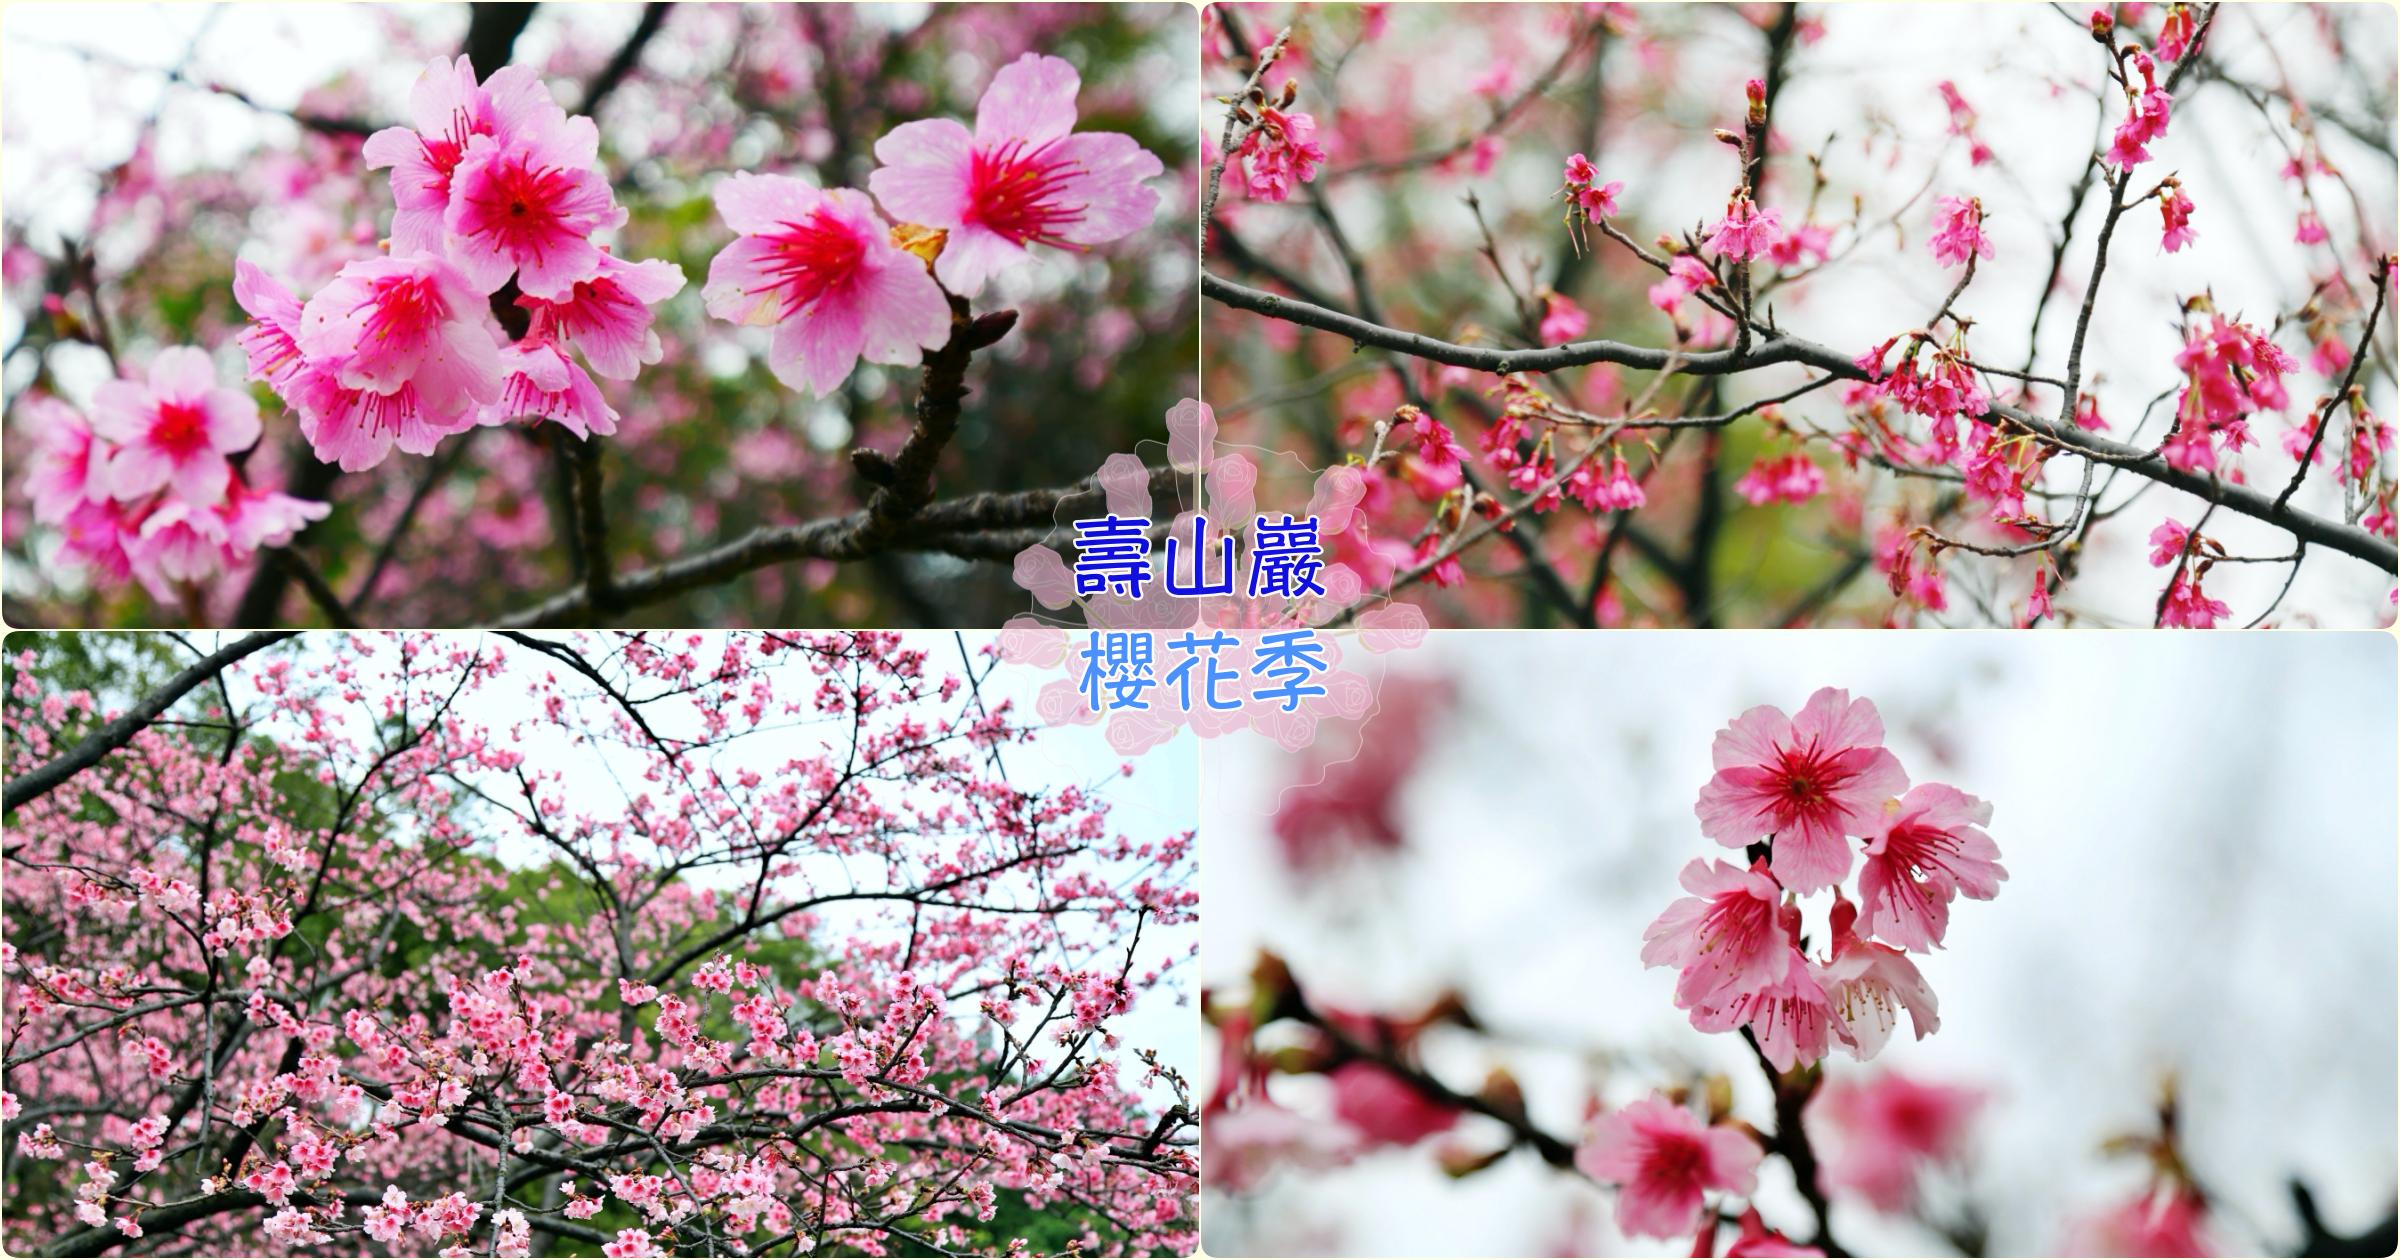 閱讀文章:[龜山旅遊]壽山巖觀音寺.壽山櫻花園|桃園市區附近最大片櫻花園~免費景點.預計二月底盛開